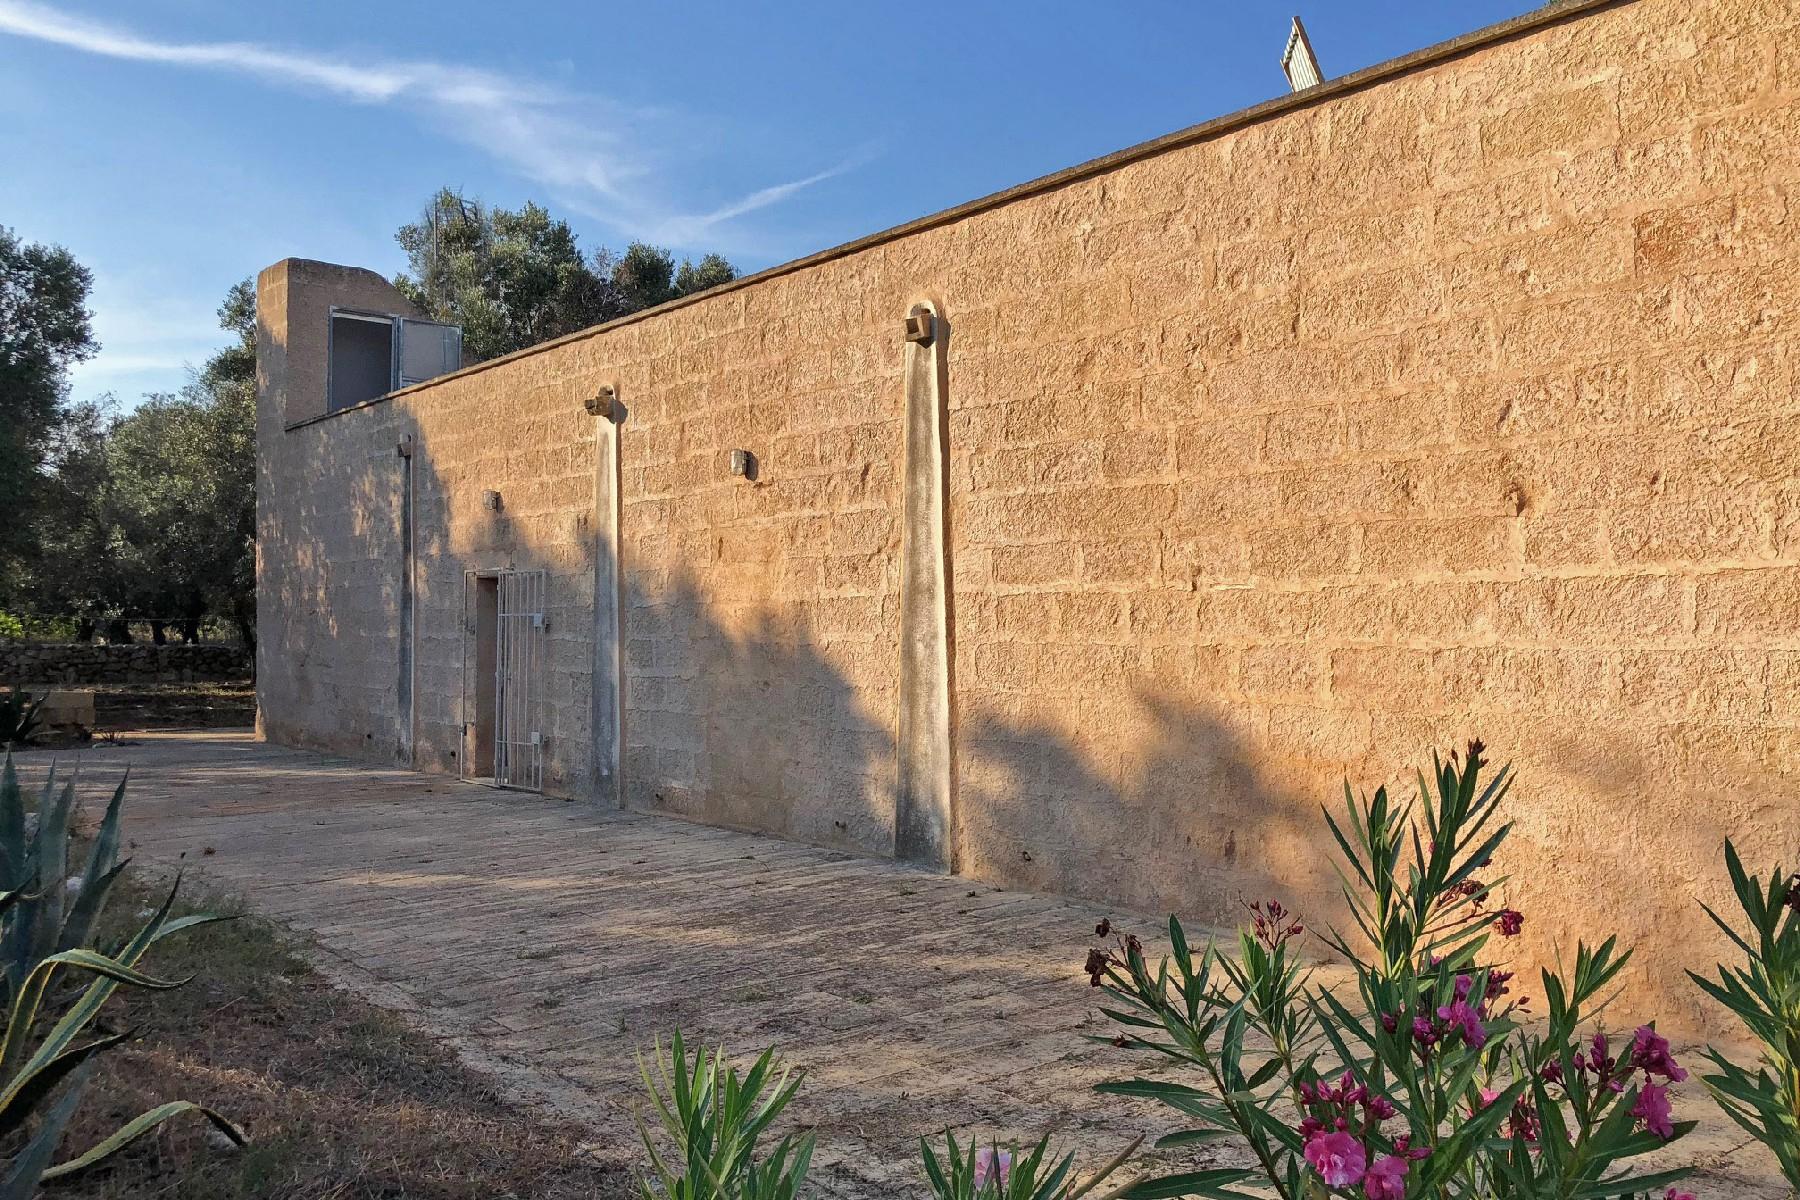 Casa indipendente in Vendita a Ugento: 4 locali, 160 mq - Foto 5